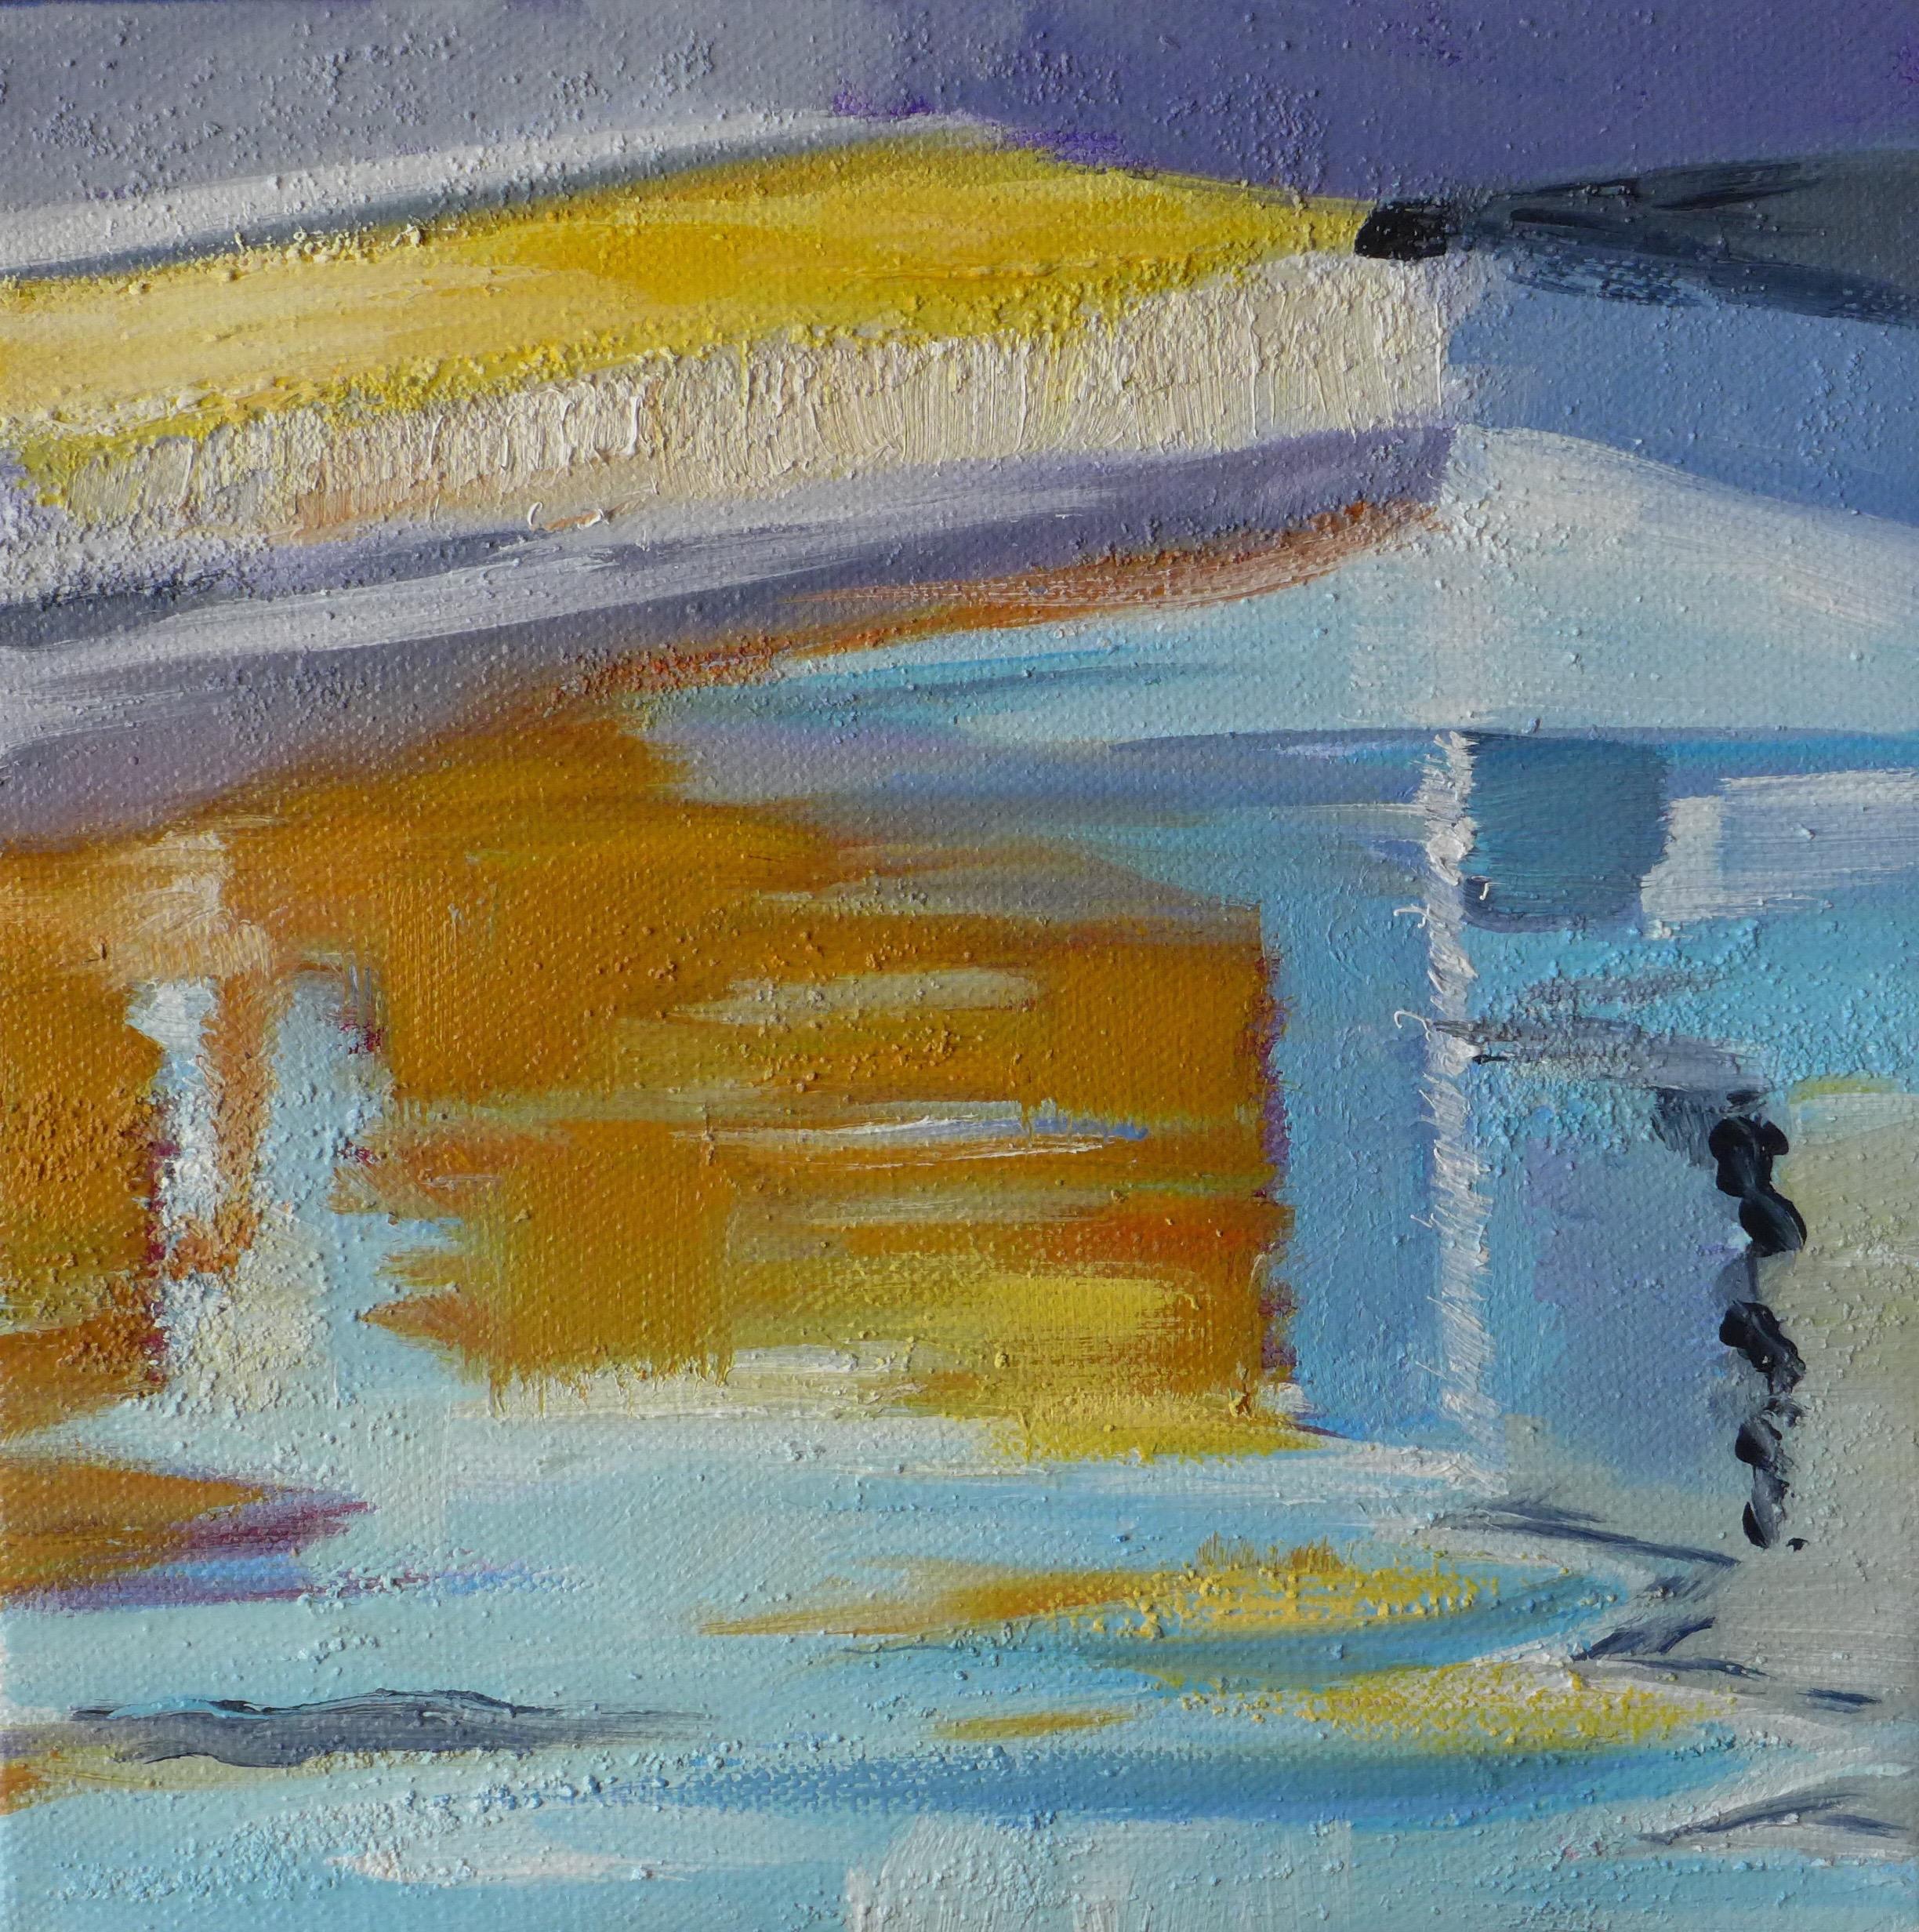 Harbor Abstract 8 x 8 Kamada